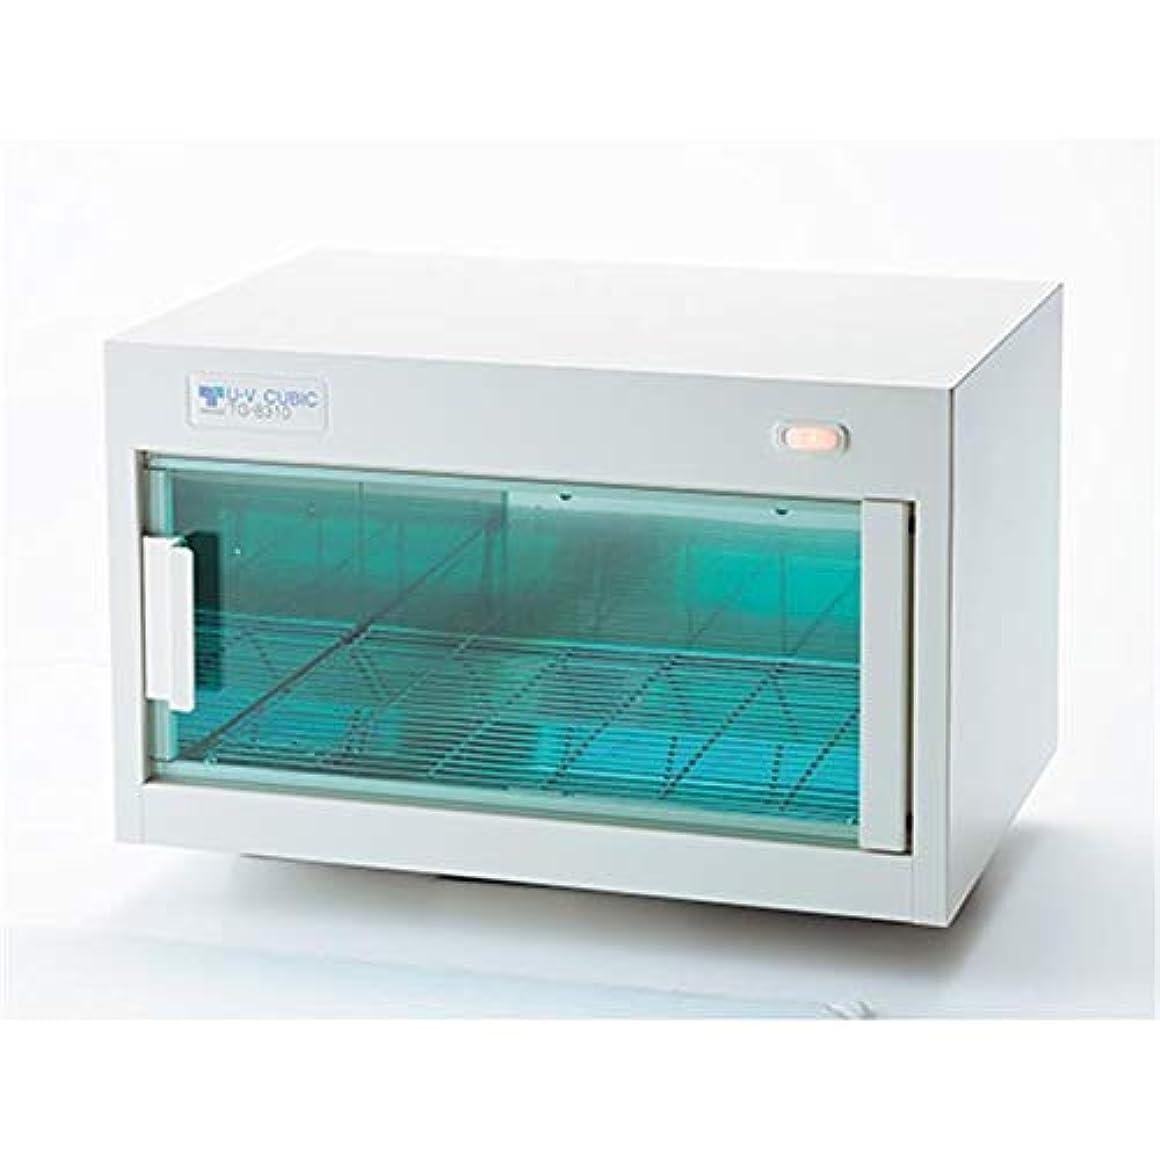 ヒゲクジラ抗生物質不完全なUVキュービック TG-8311 タイマー付 60Hz